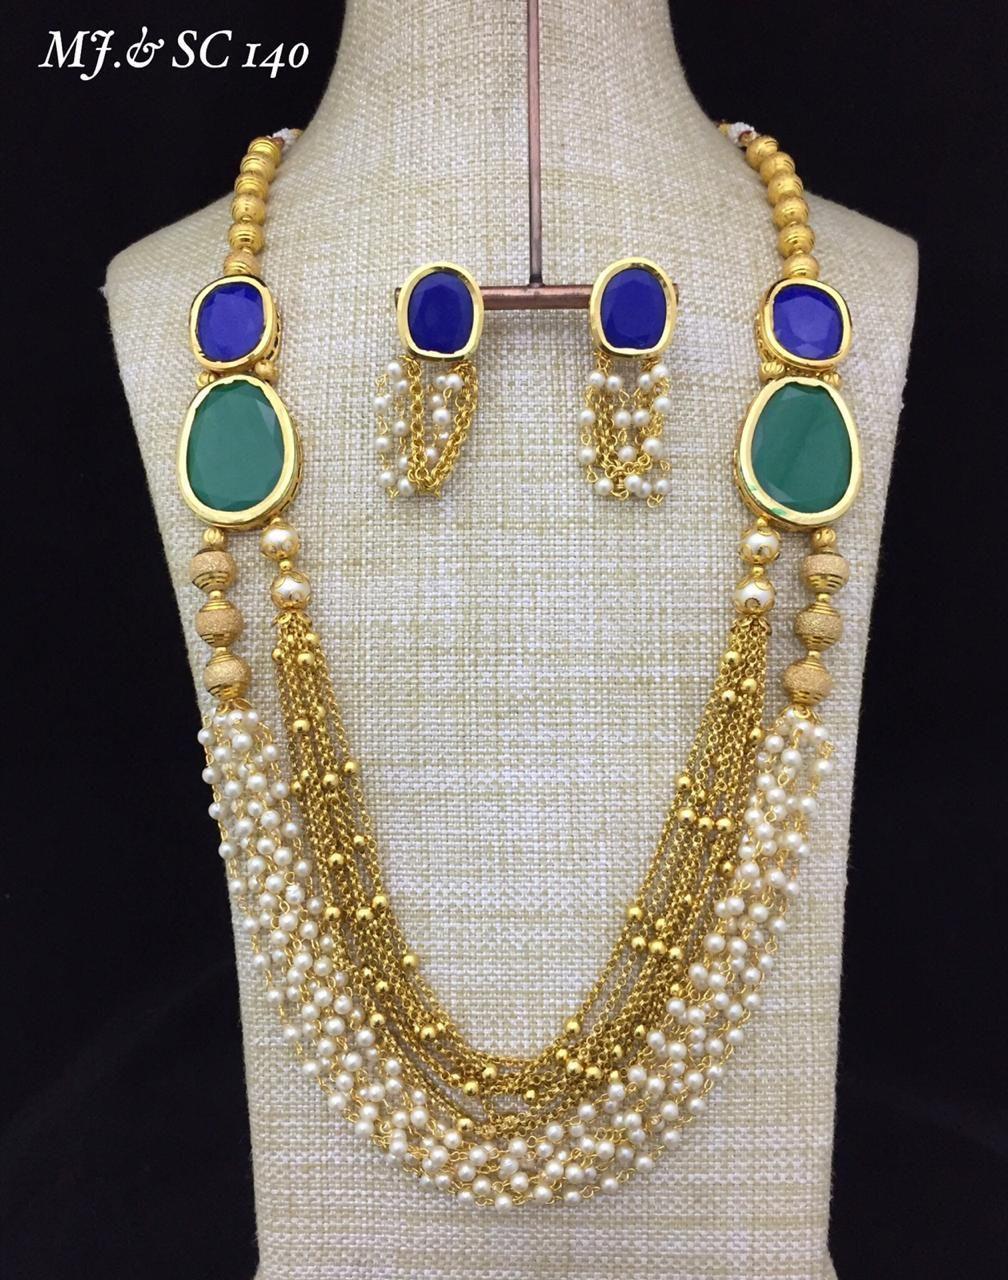 Ali Kahn New York Necklace Polka Dot Necklace Vintage Jewelry Statement Jewelry Fashion Jewelry